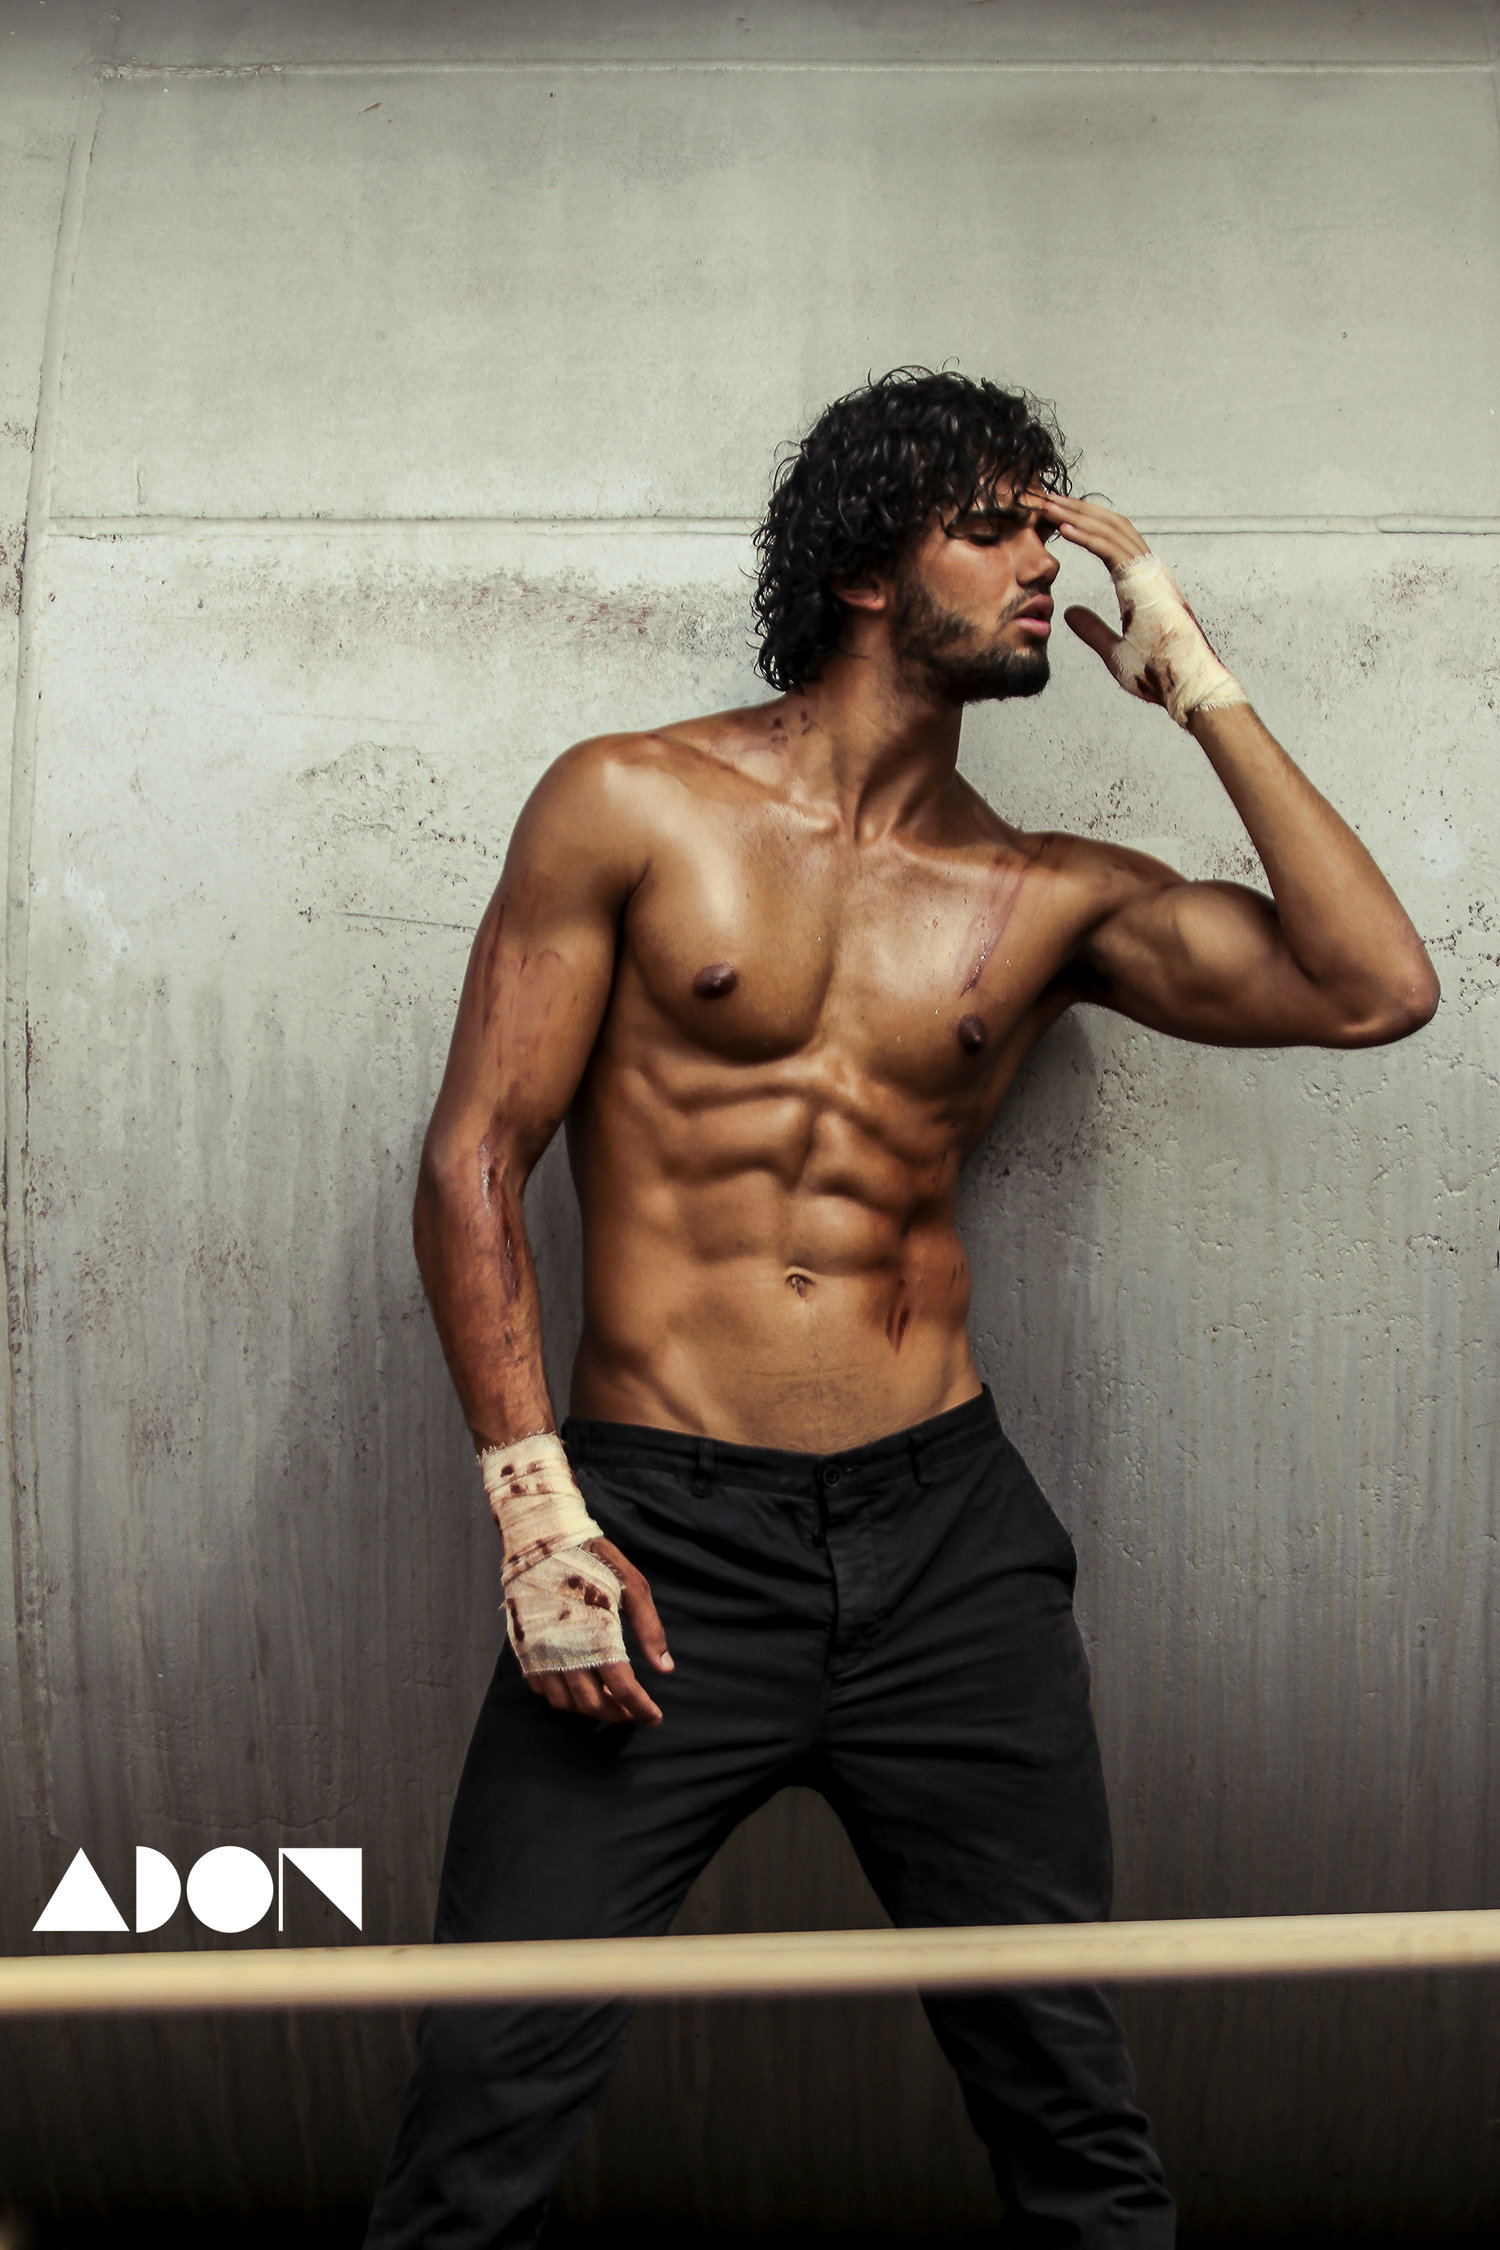 Adon Exclusive: Model Patrick Luvise By Marcio Farias